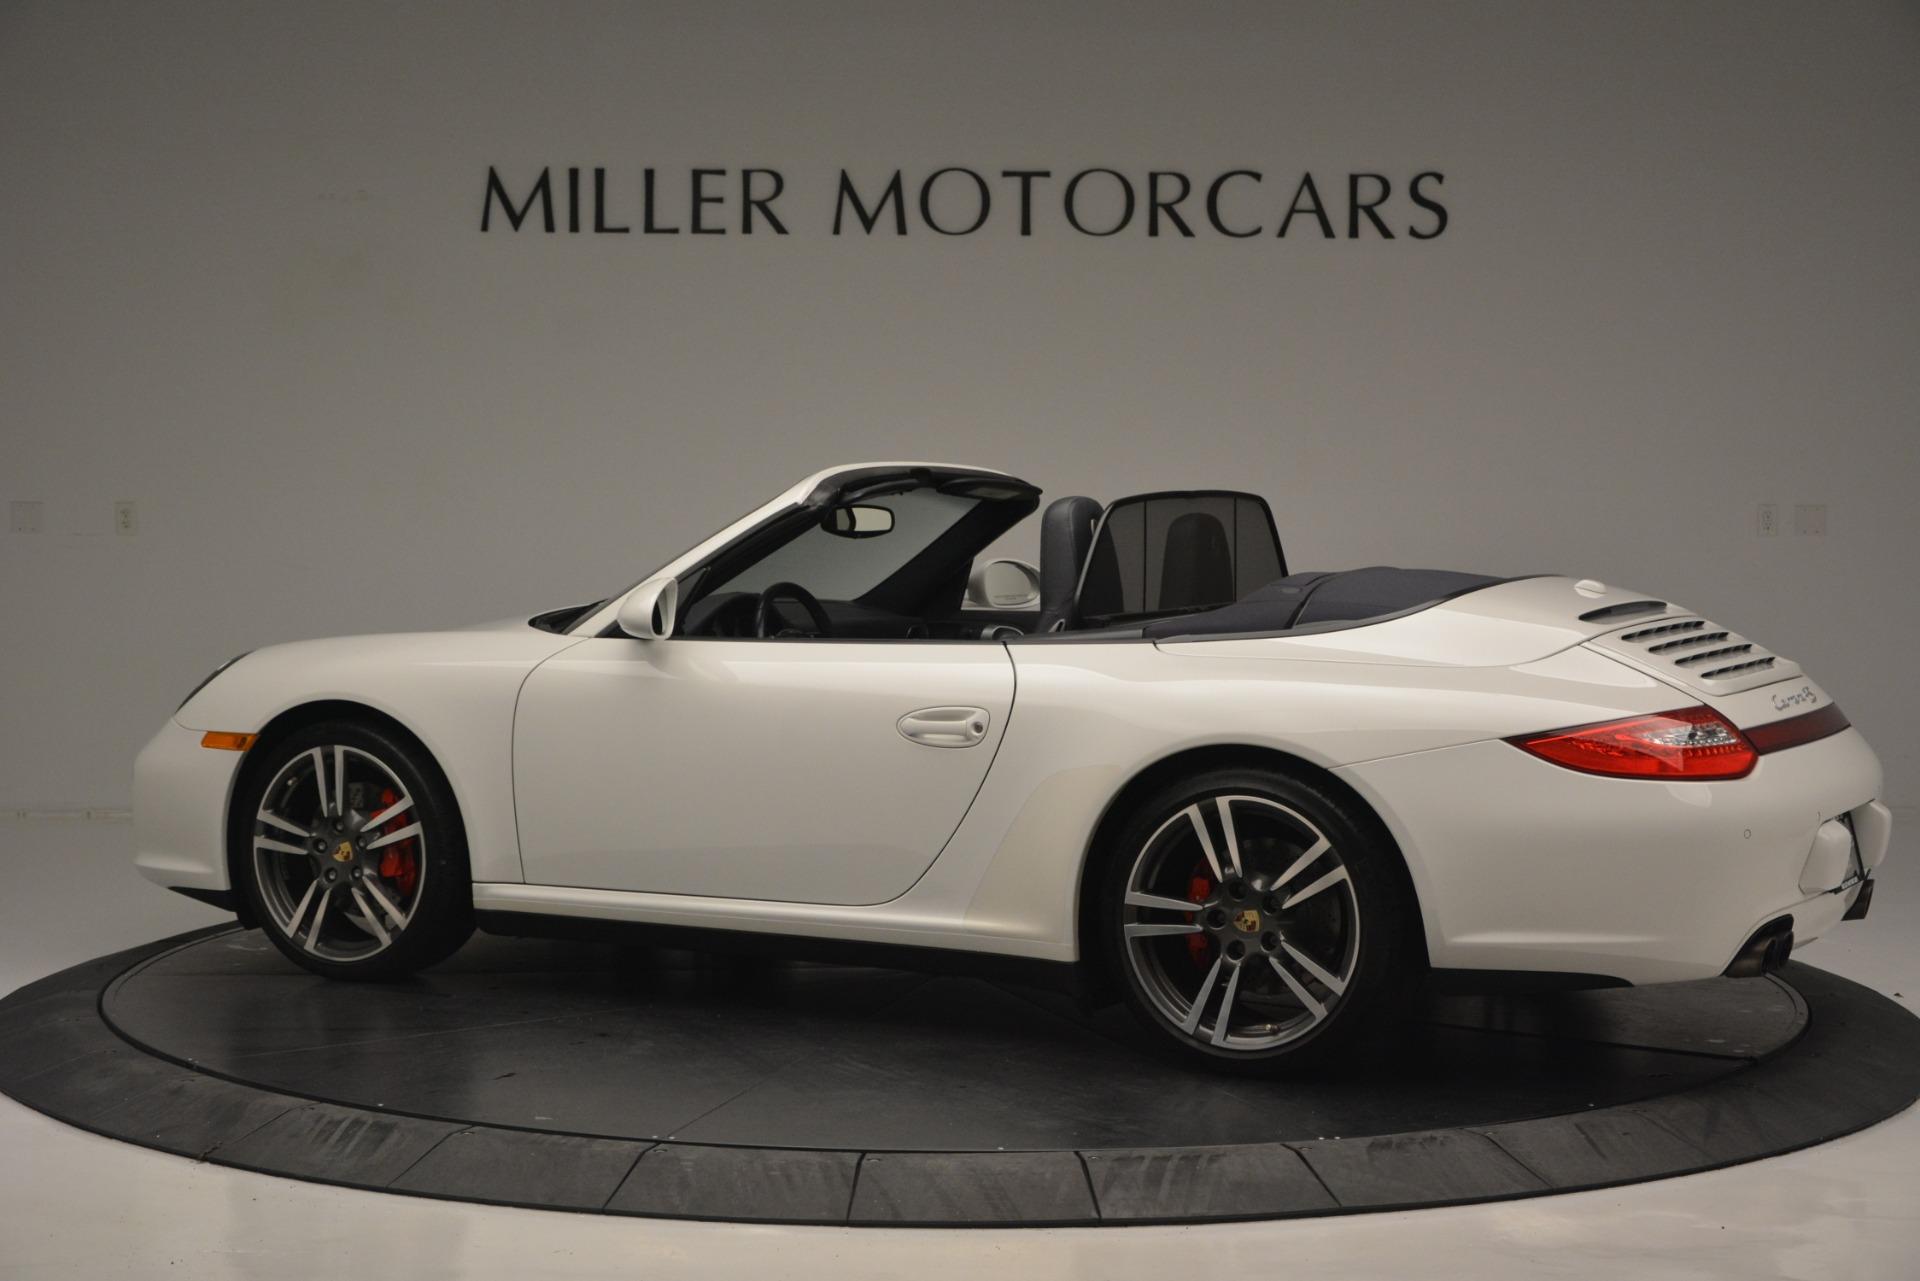 Used 2011 Porsche 911 Carrera 4S For Sale In Greenwich, CT 2600_p4